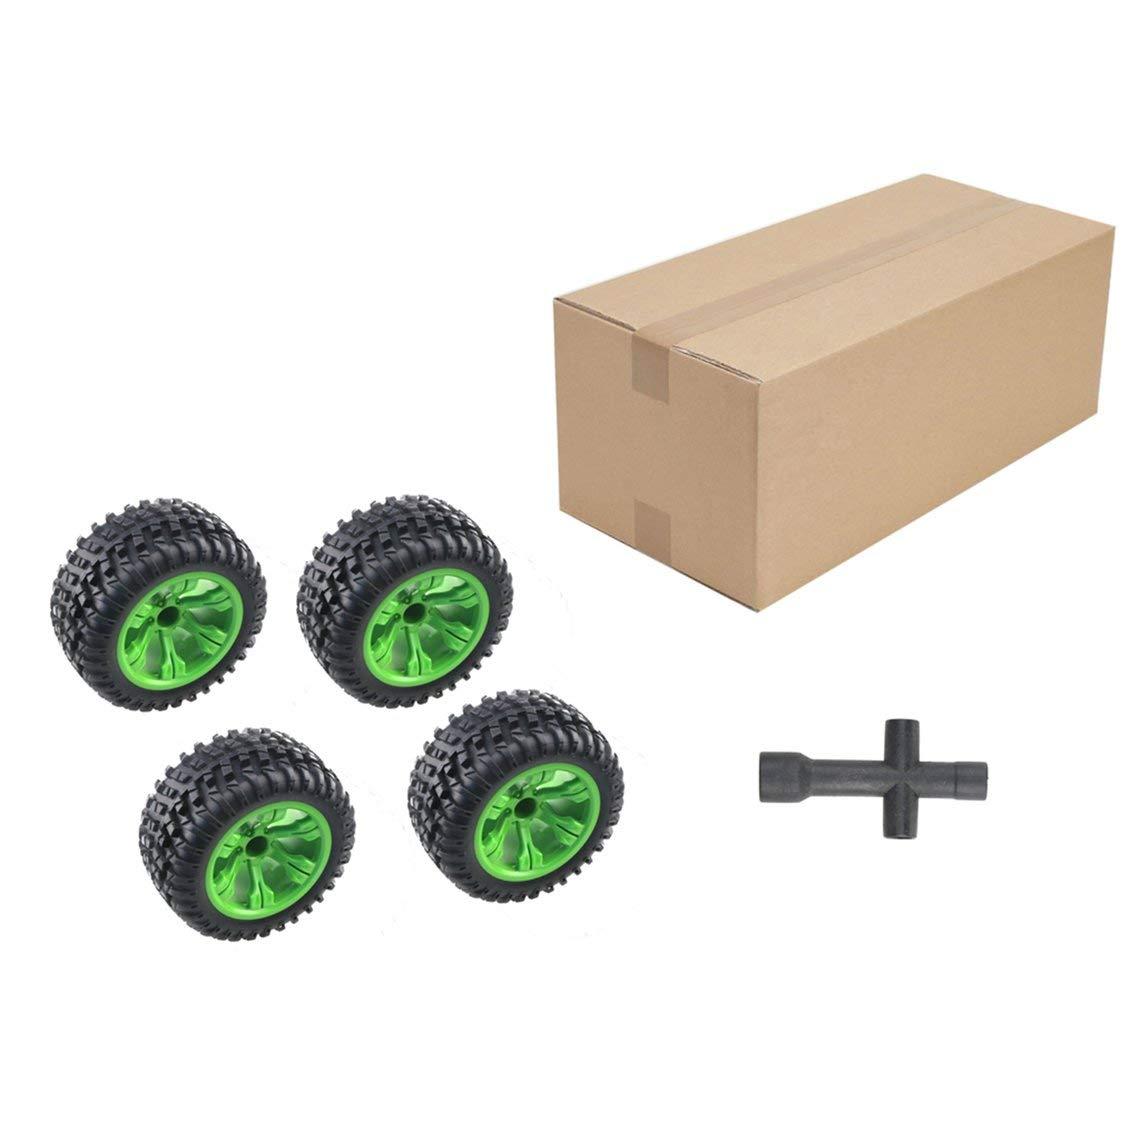 Momorain 4 Stücke Allgemeine 110mm RC Reifen für JJRC Q39 Q40 Q46 WLtoys L959 12404 FY-03 FY-04 1/12 Offroad RC Auto LKW Teile Rad Reifen (Farbe: schwarz & grün)